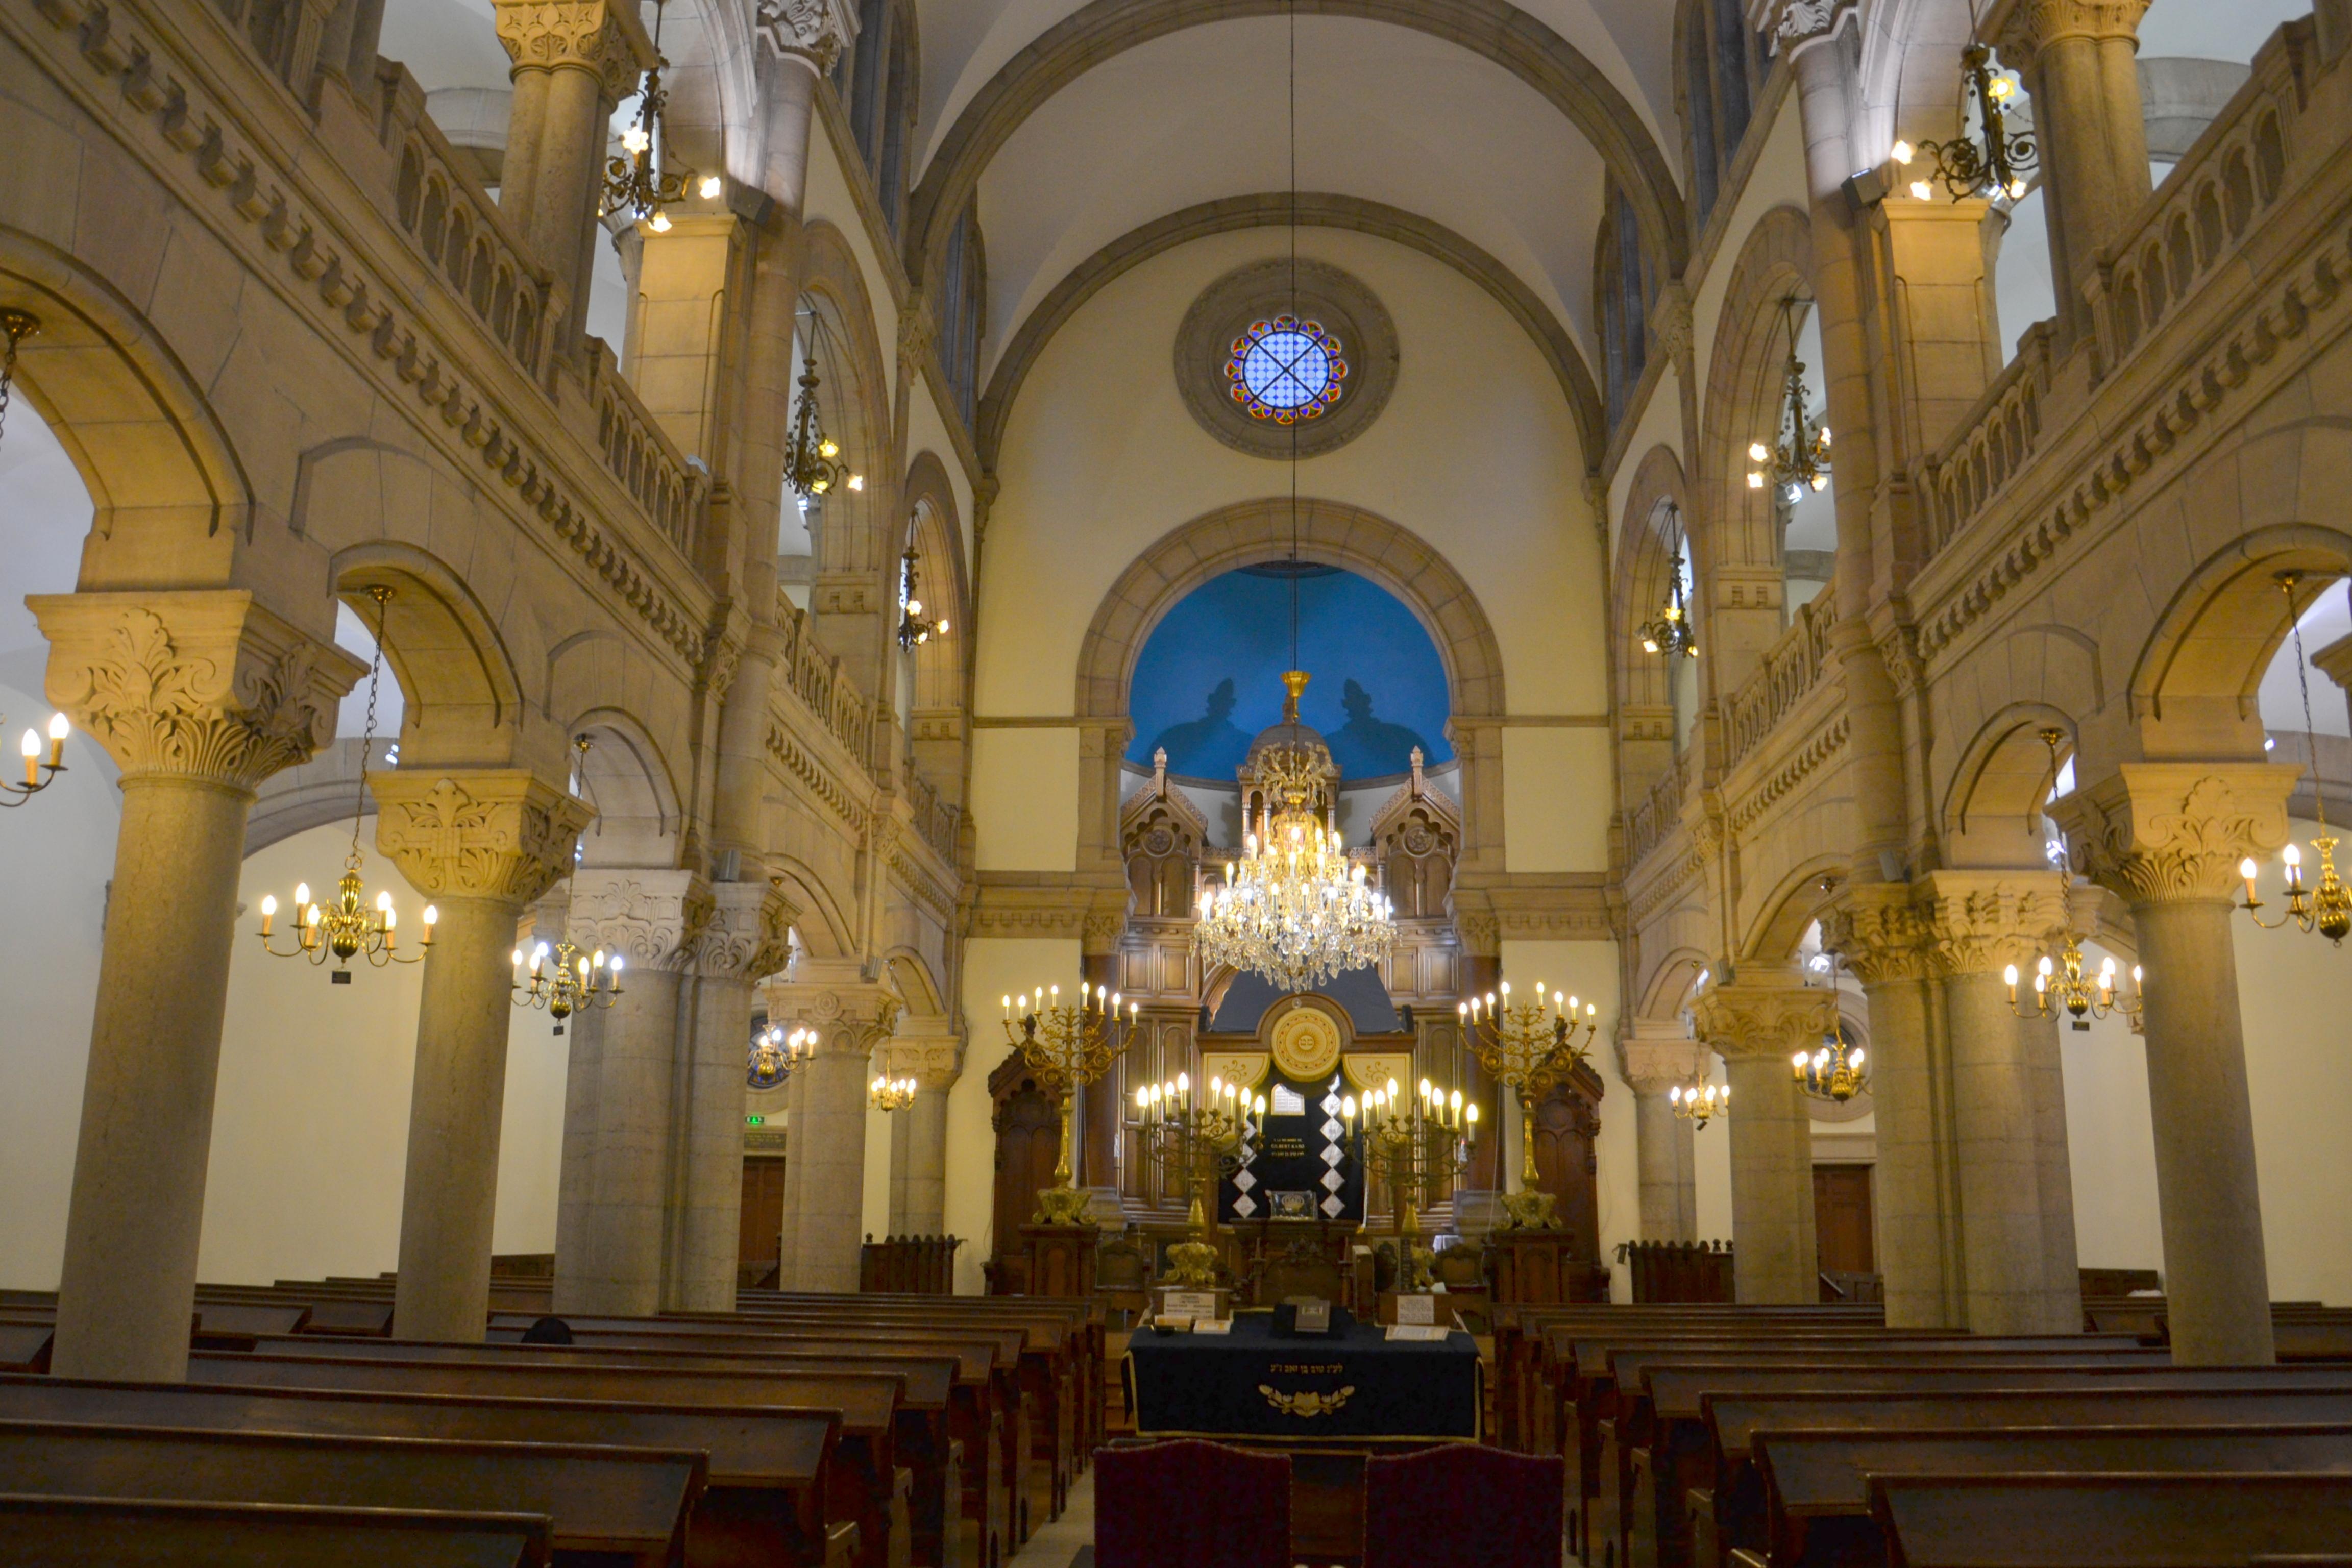 Photographes en rh ne alpes la grande synagogue for Vol interieur israel